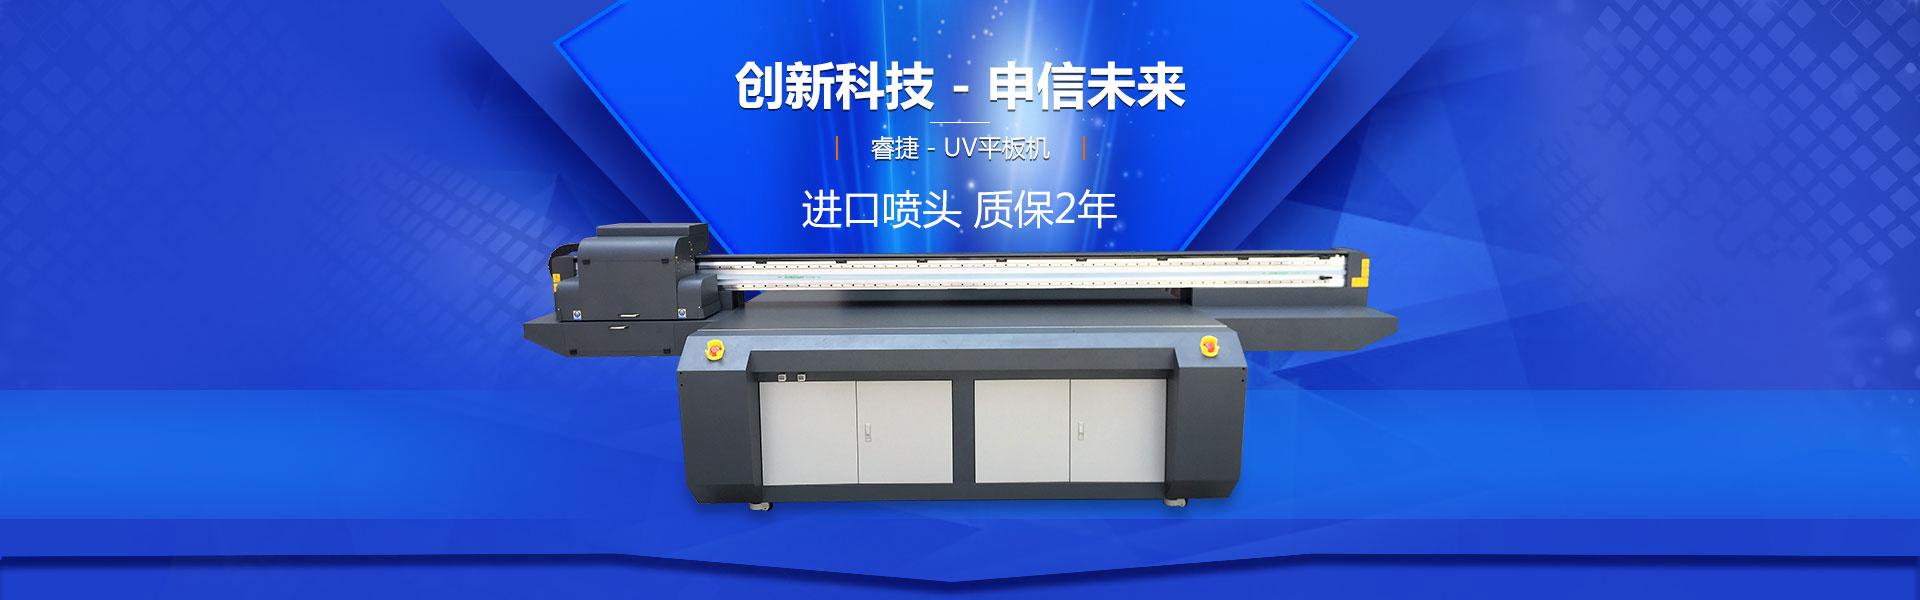 睿捷UV平板机